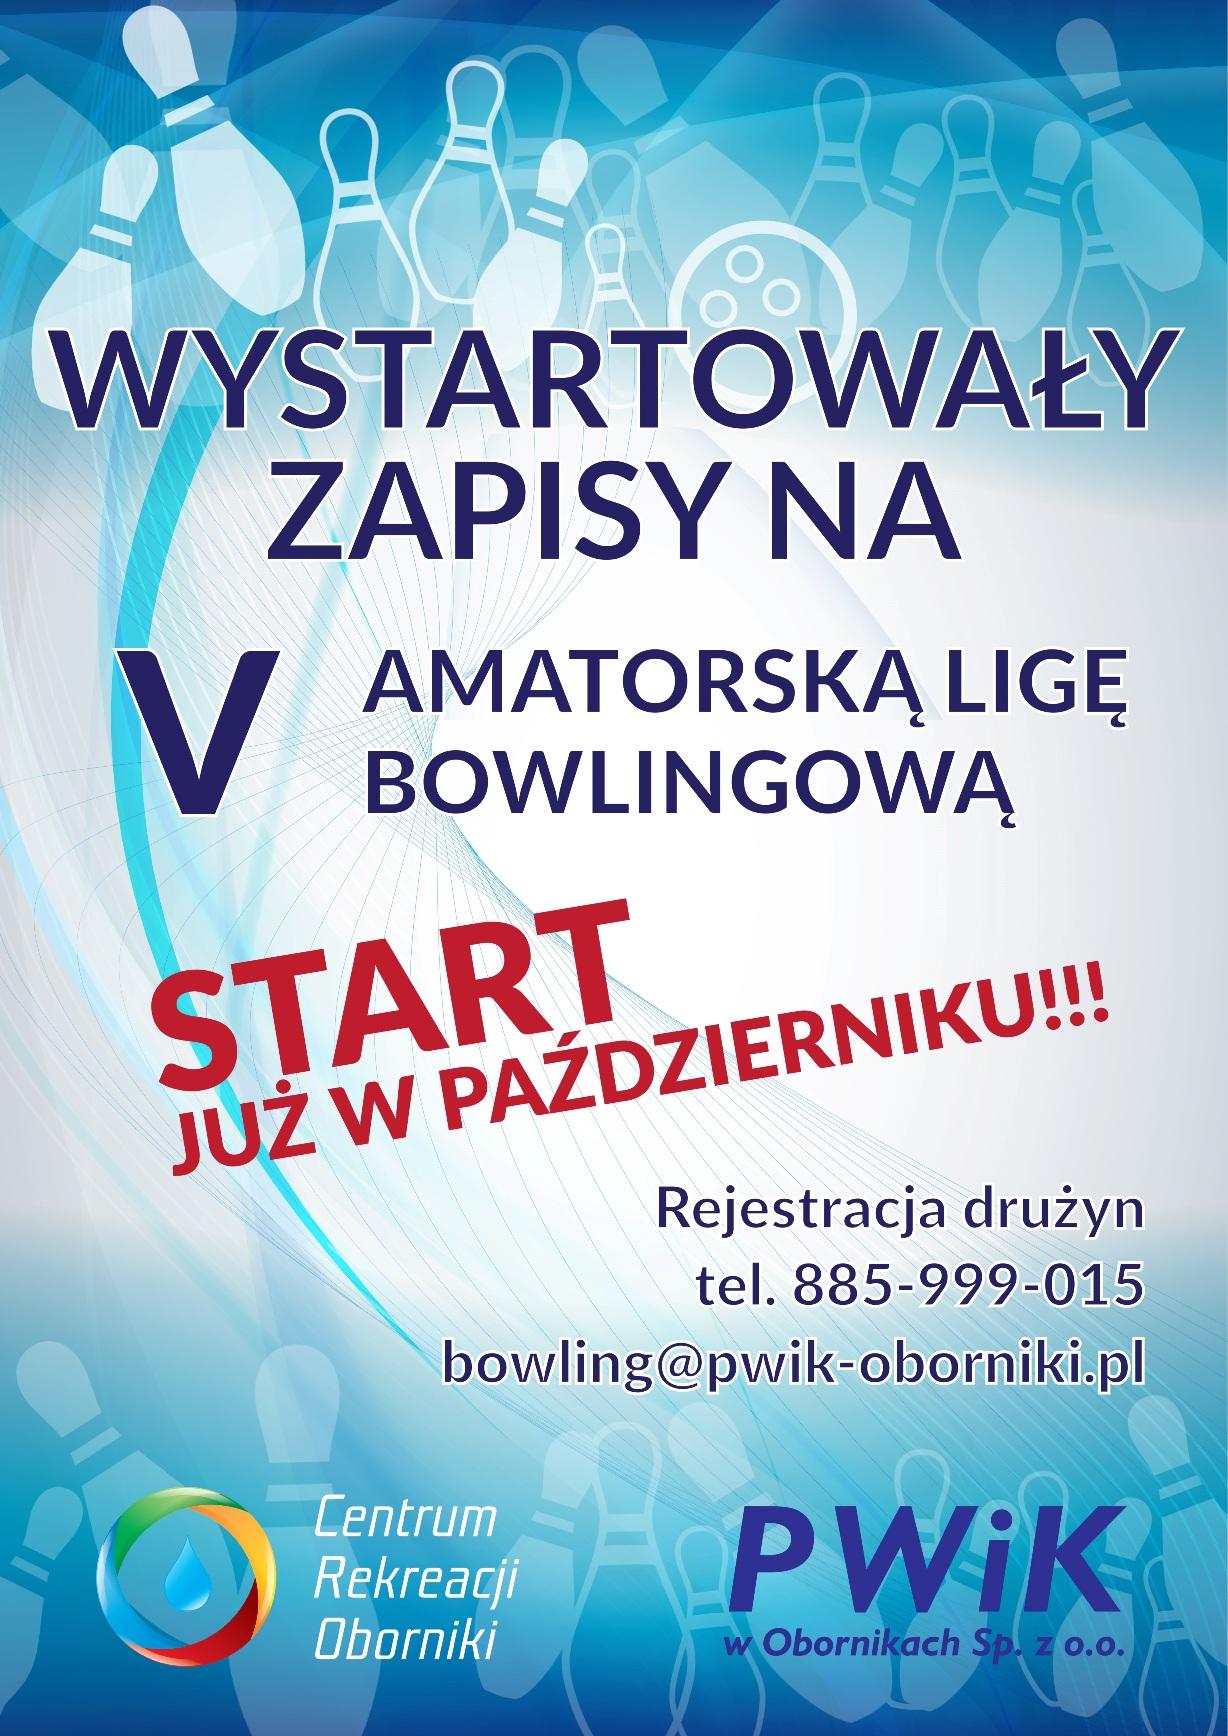 bowlingV cro